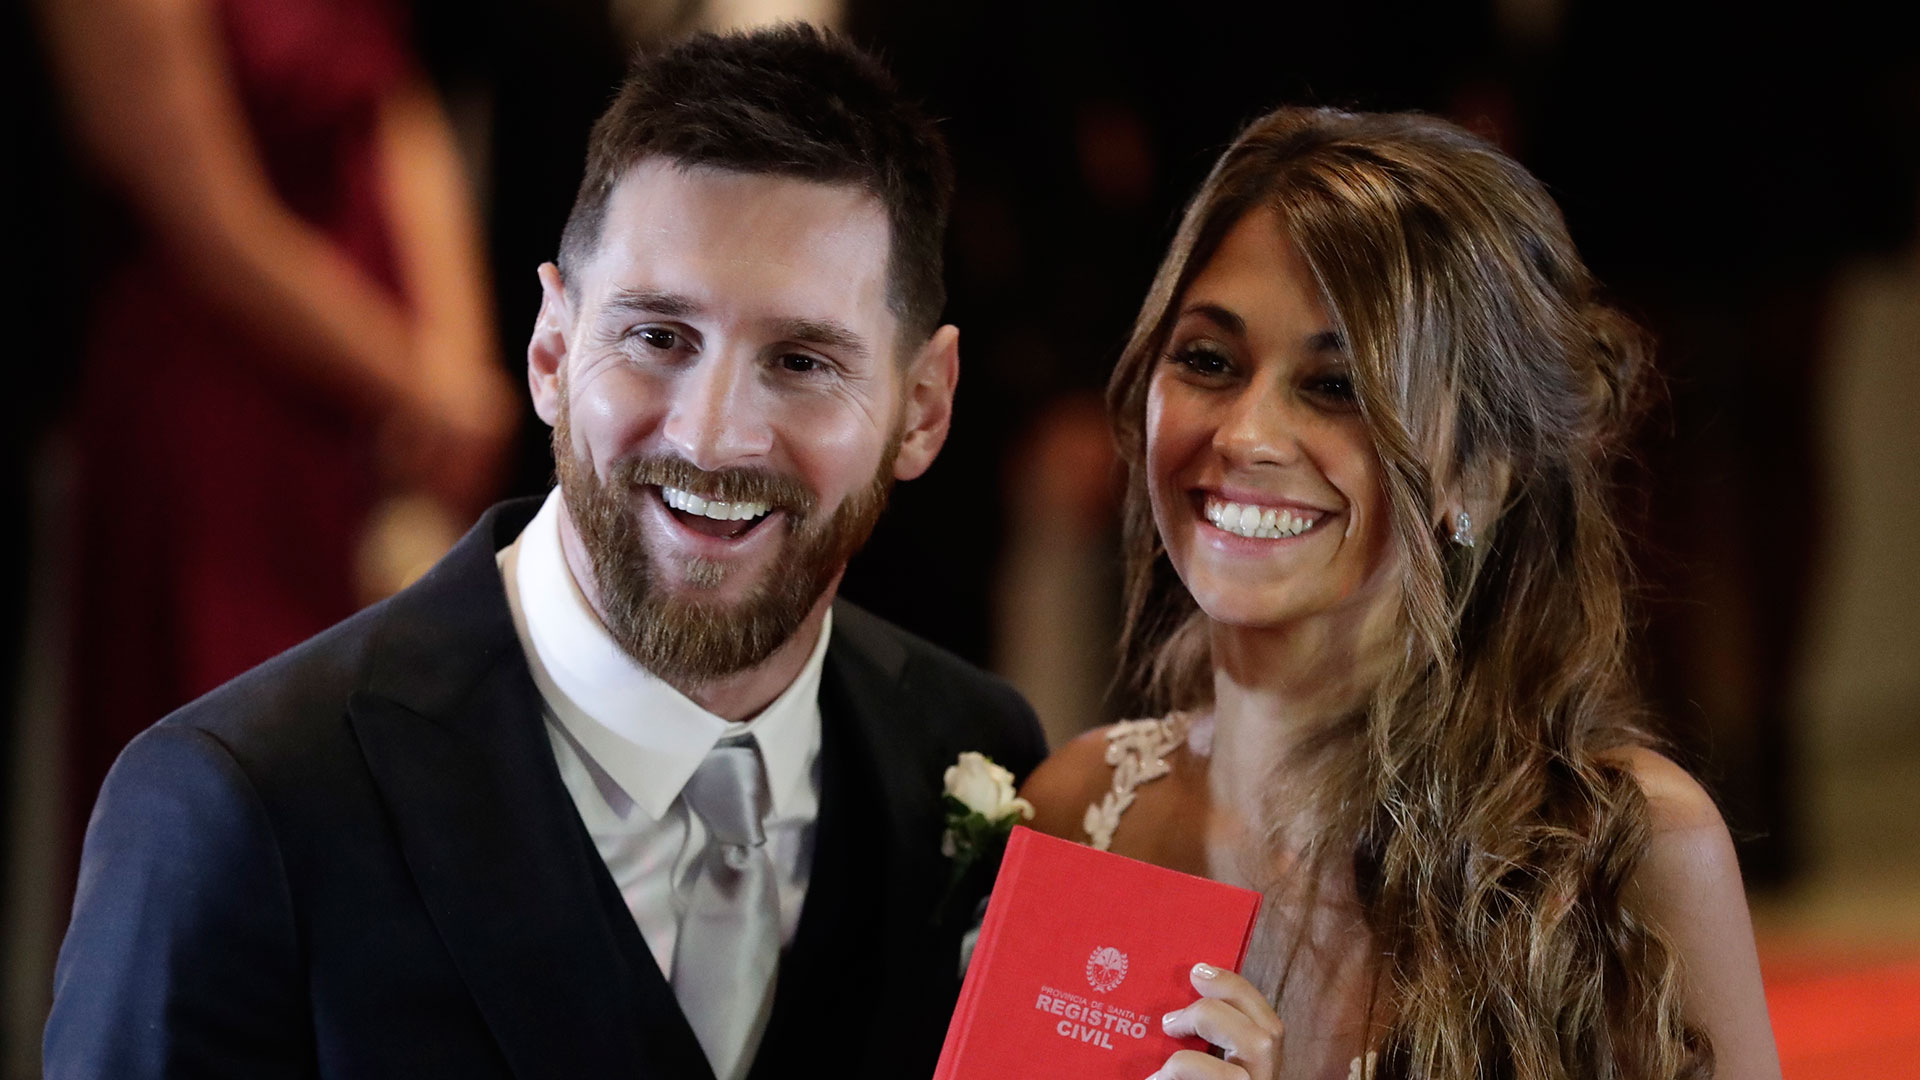 En enero de 2009 Messi reconoció en una entrevista con un programa español que tenía novia y que era argentina. No era otra que Antonela Roccuzzo, a quien conoció cuanto tenía nueveaños en la Rosario natal de ambos